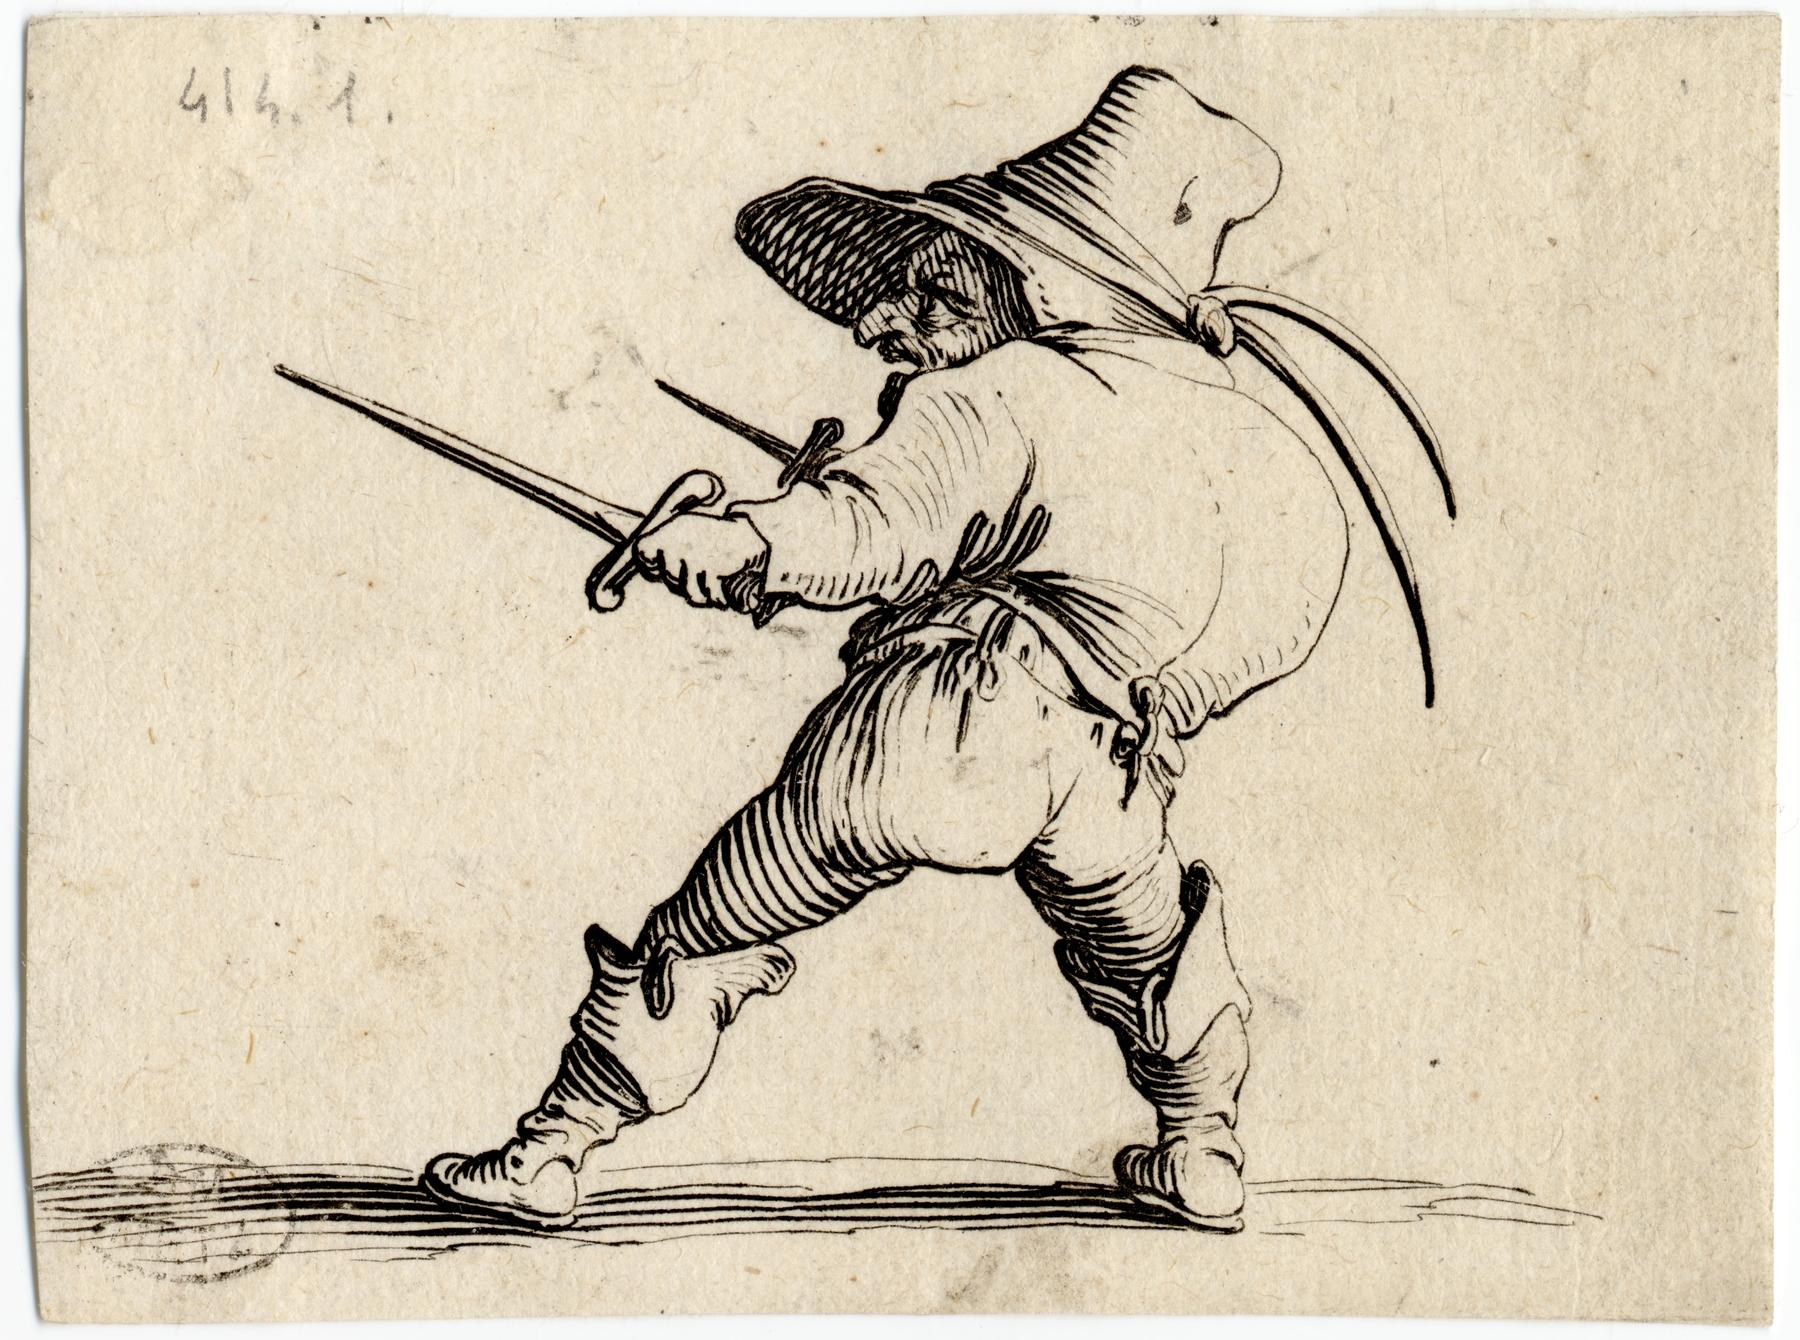 Contenu du Les Gobbi: Le duelliste à l'épée et au poignard